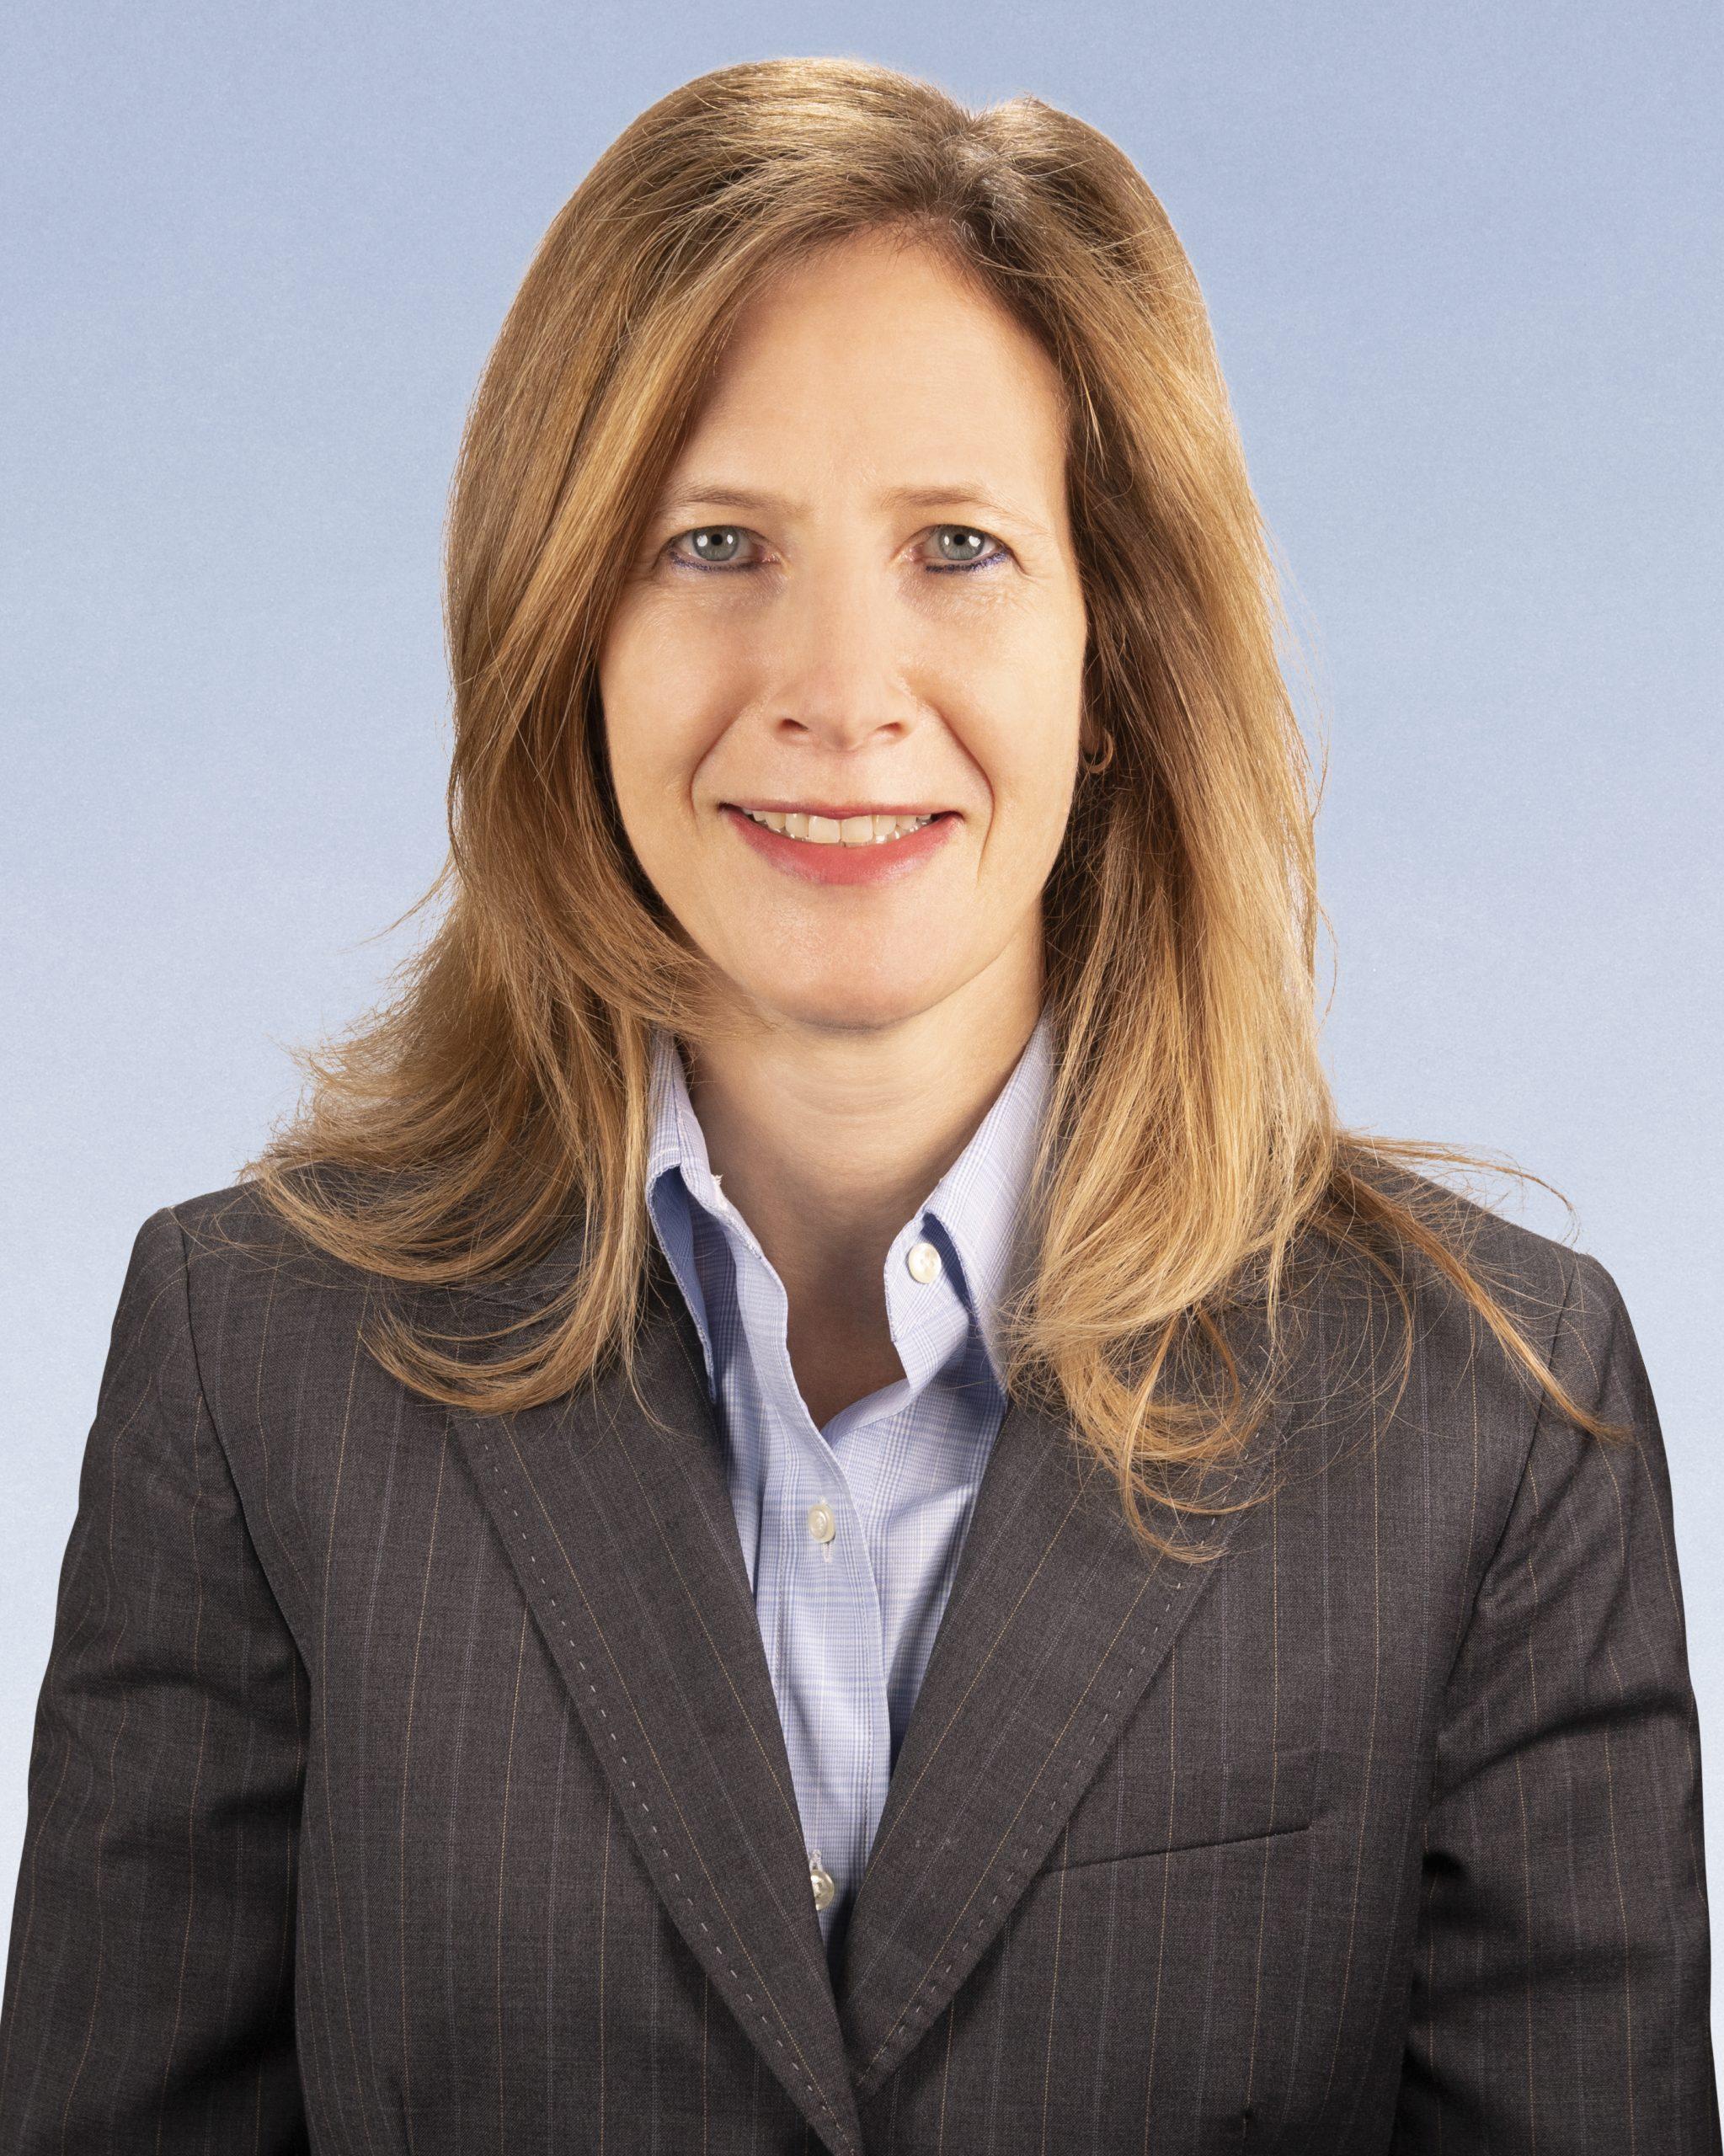 Amy E. Halpert